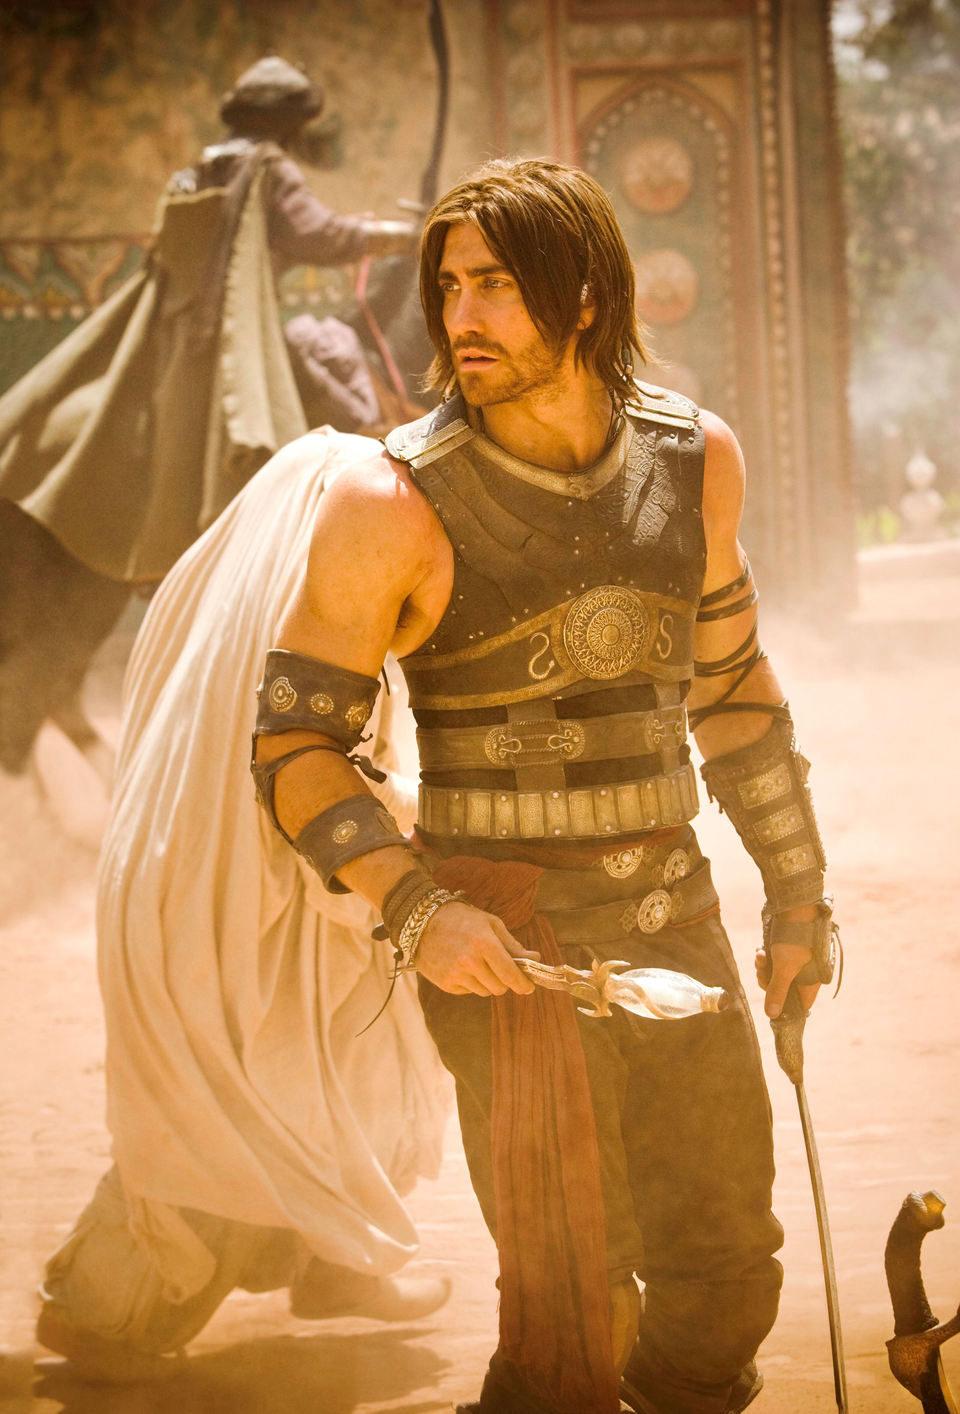 Prince of Persia: las arenas del tiempo, fotograma 38 de 47